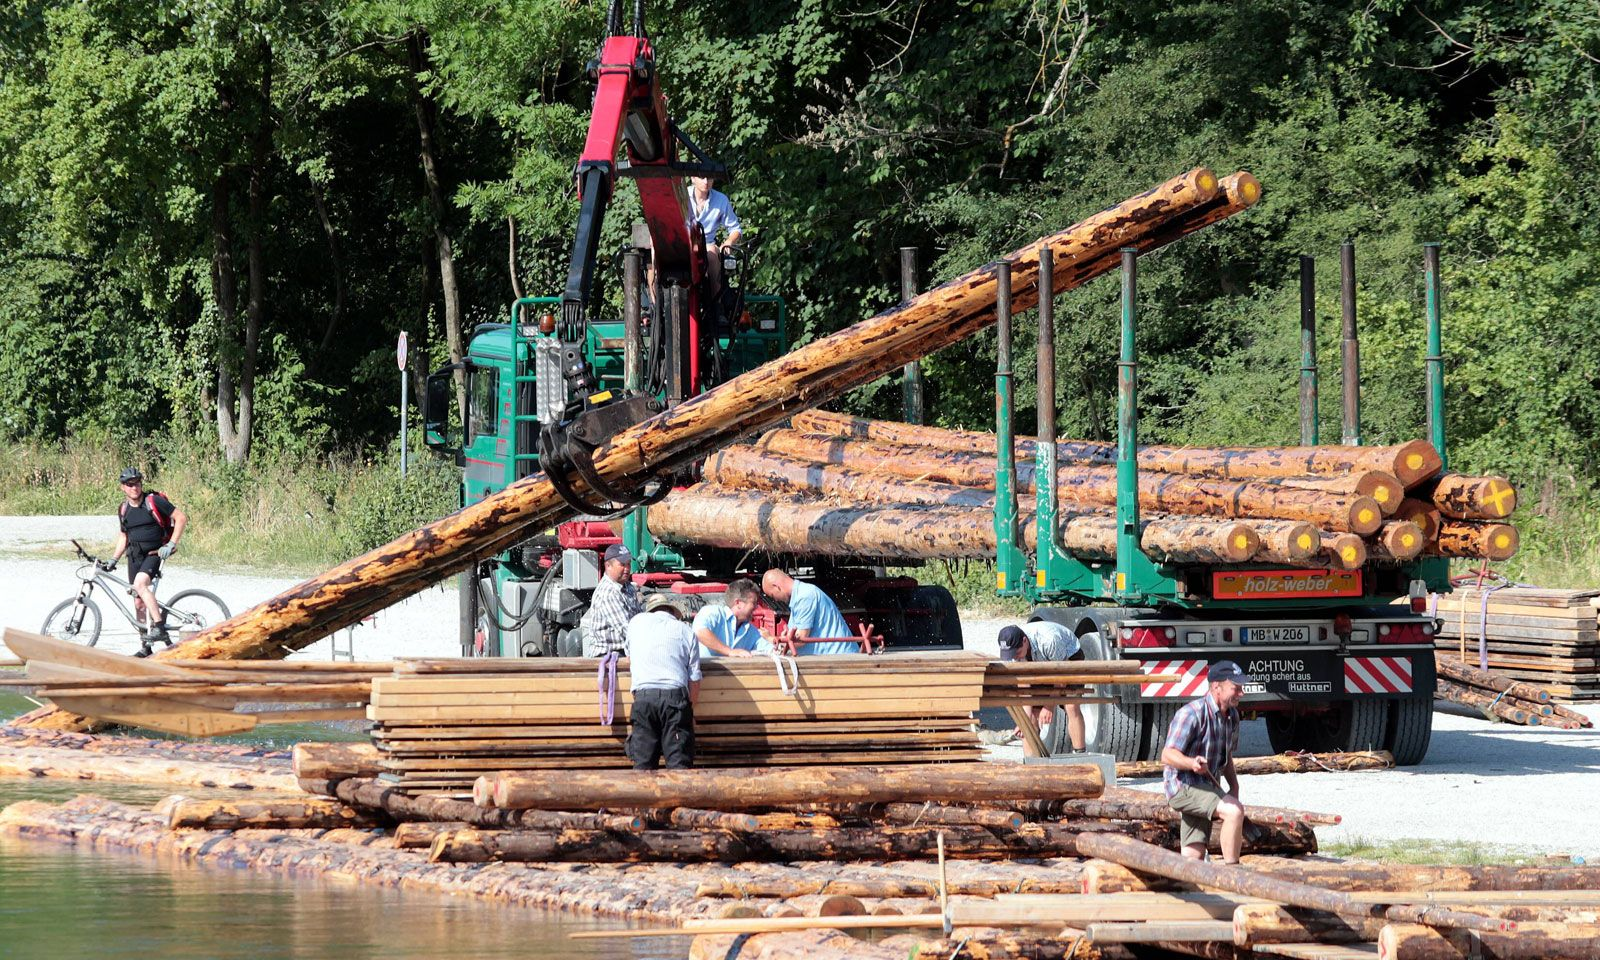 Arbeiter beim Verladen und Transportieren von Baumstämmen an der Isar.